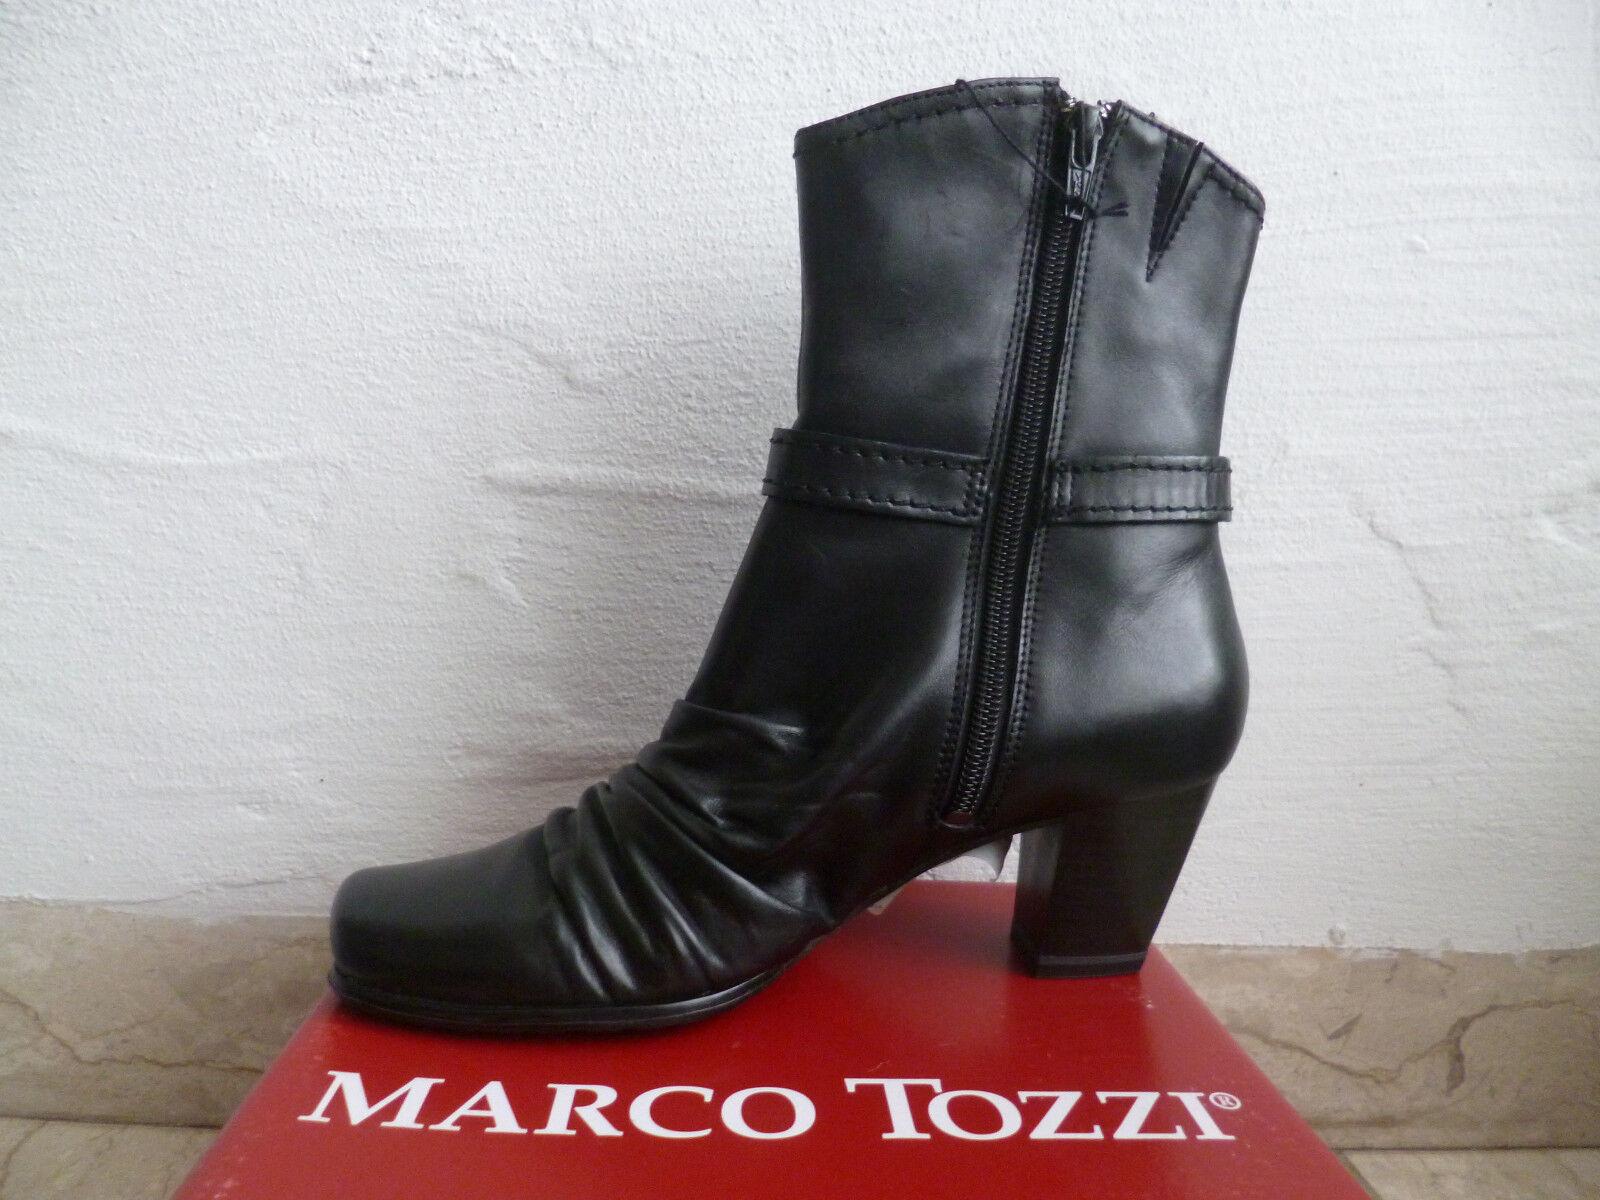 Marco Tozzi Damen   Stiefeletten Stiefelette schwarz Echtleder   NEU b7fc23